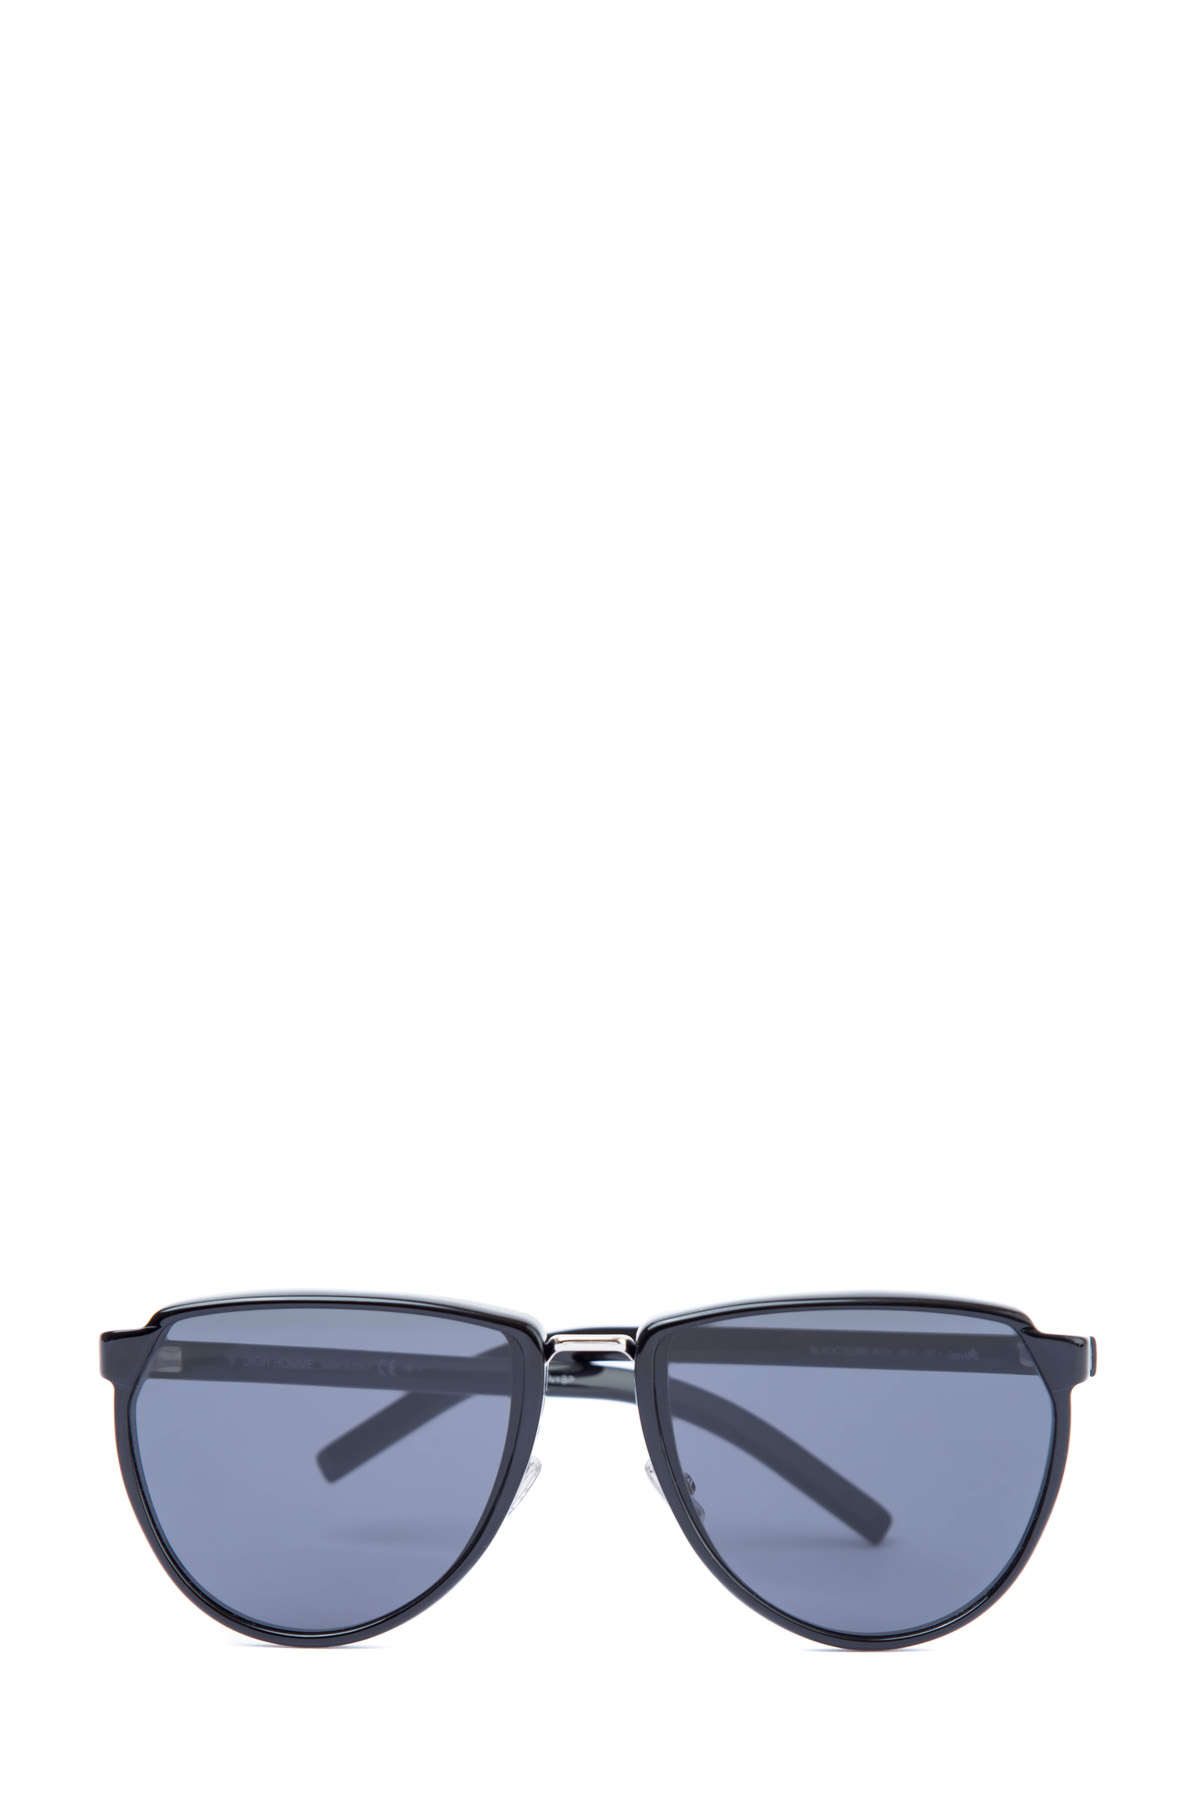 Купить Очки, DIOR (sunglasses) men, Италия, пластик 100%, стекло 100%